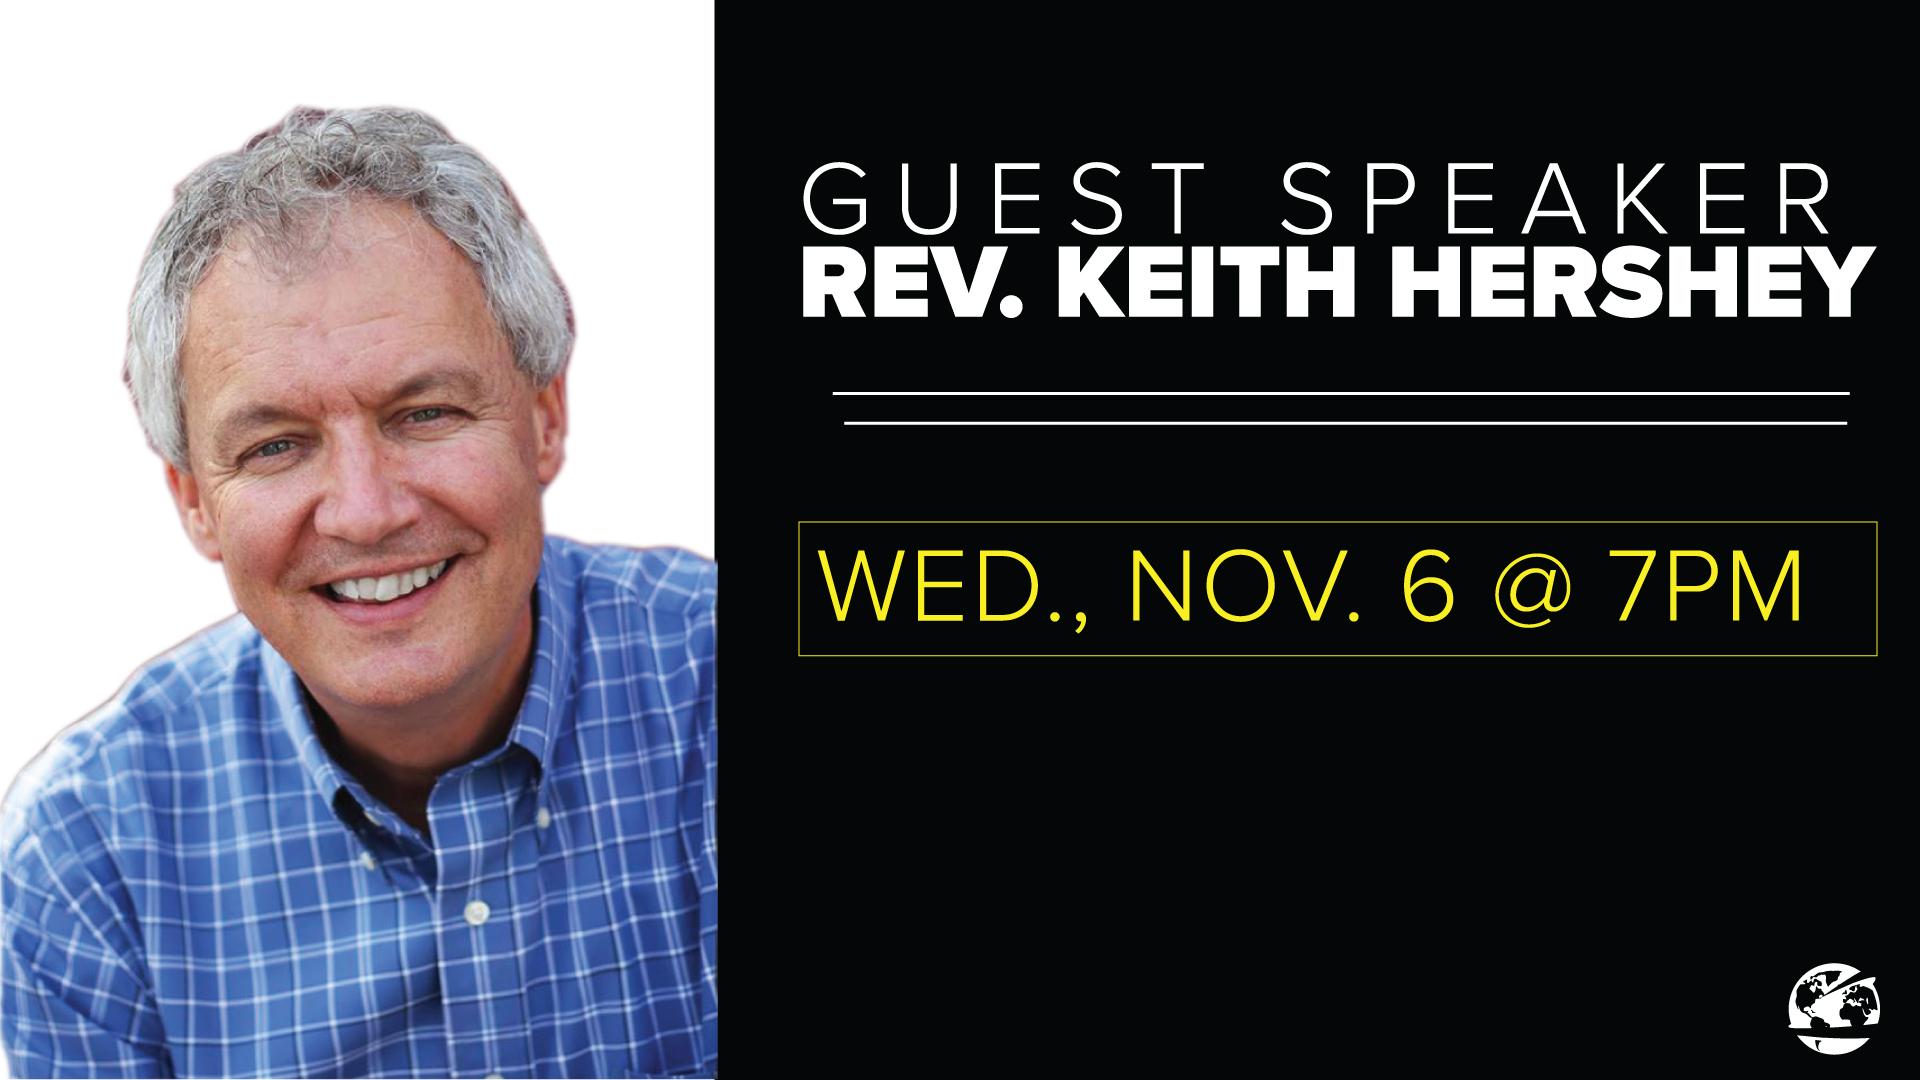 Guest Speaker- Rev. Keith Hershey